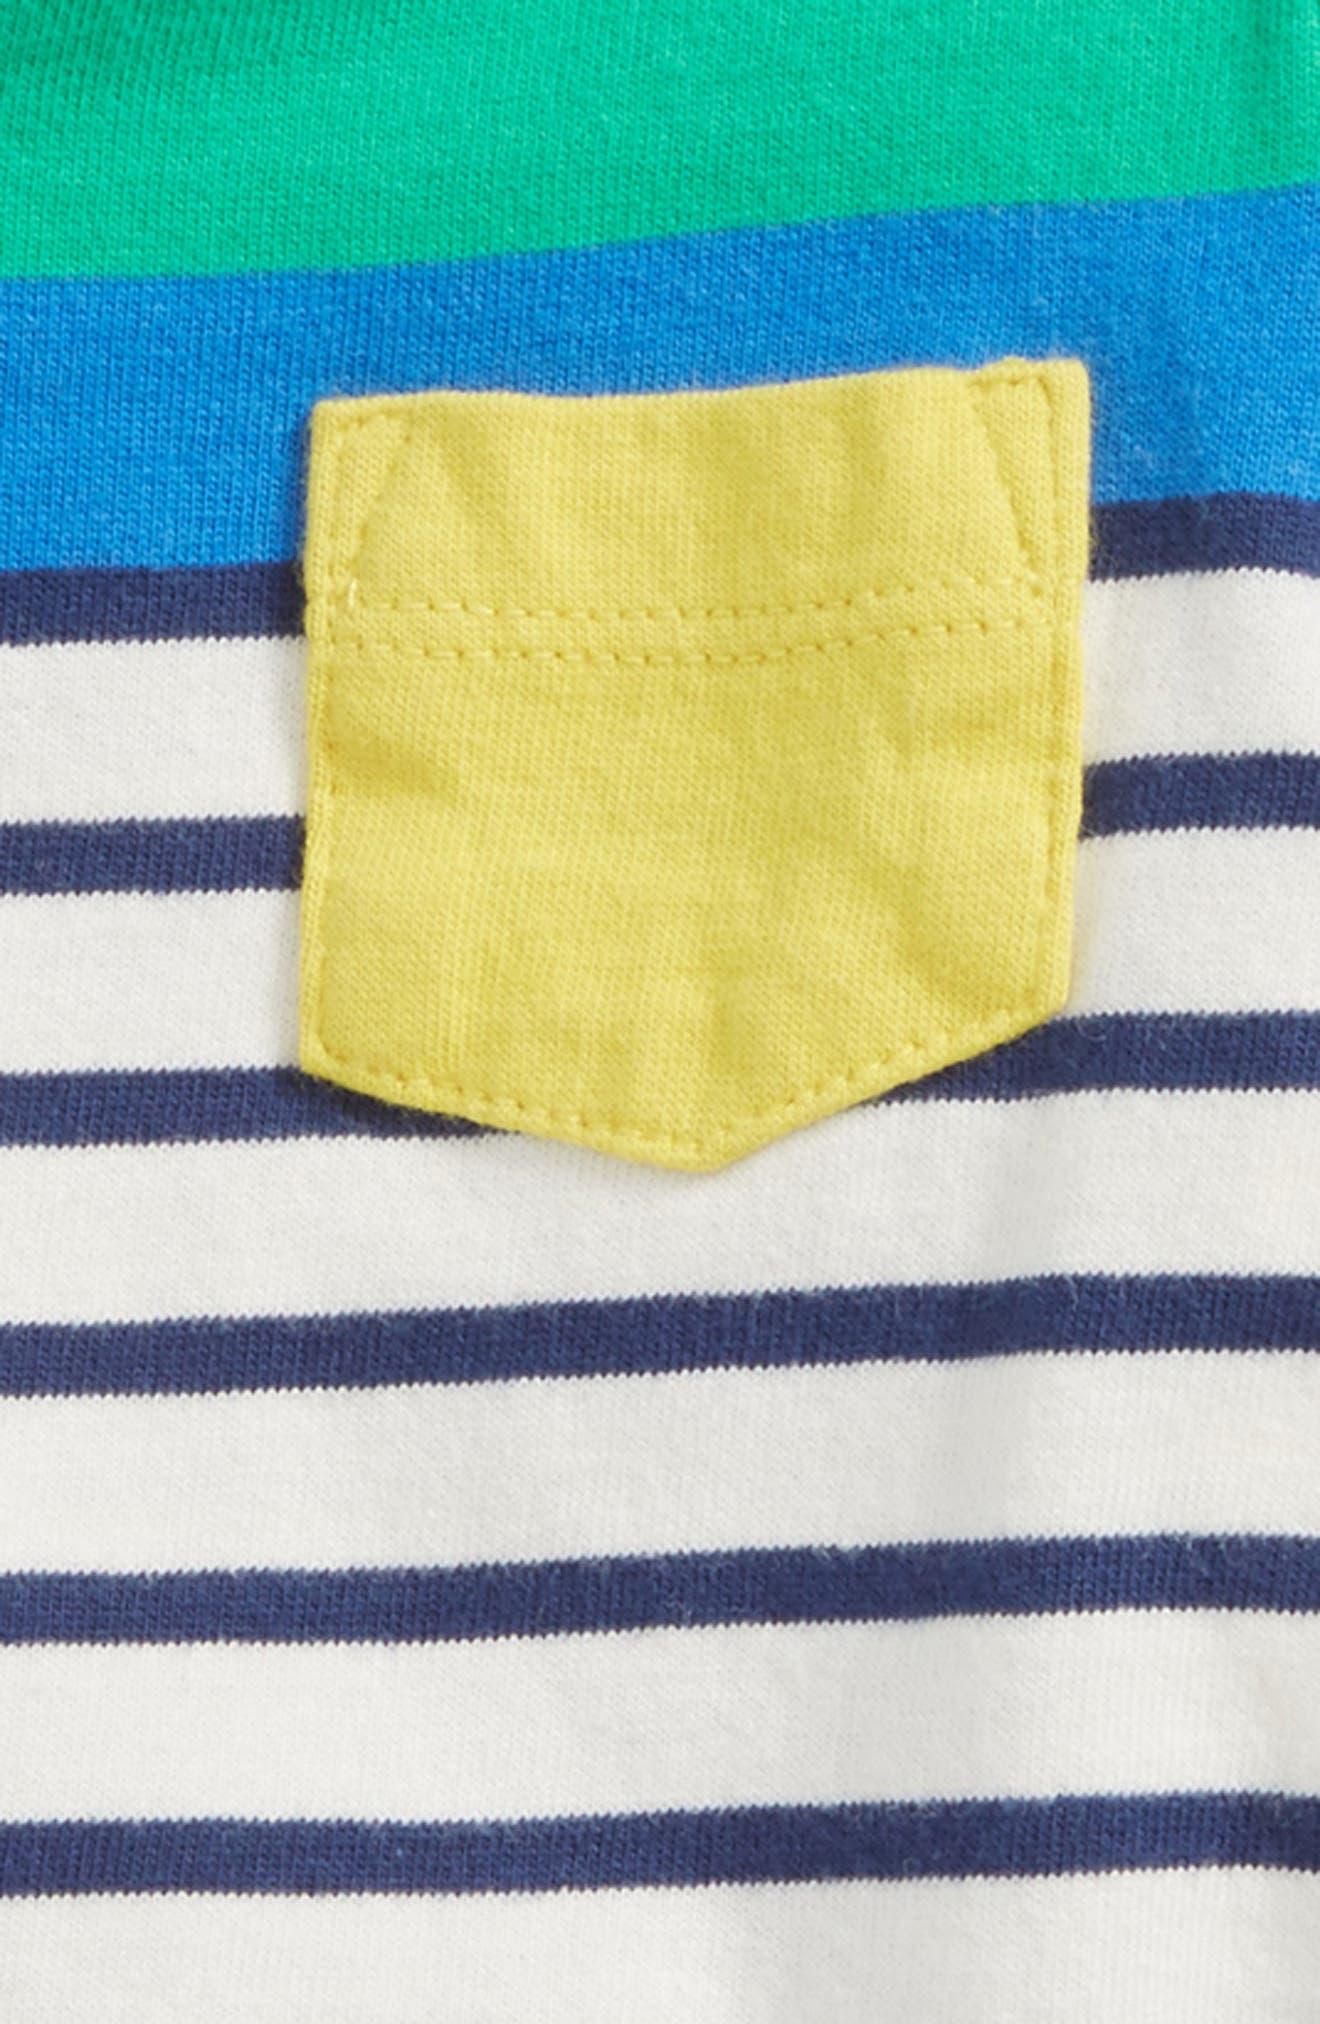 MINI BODEN,                             Fun Breton T-Shirt,                             Alternate thumbnail 2, color,                             315